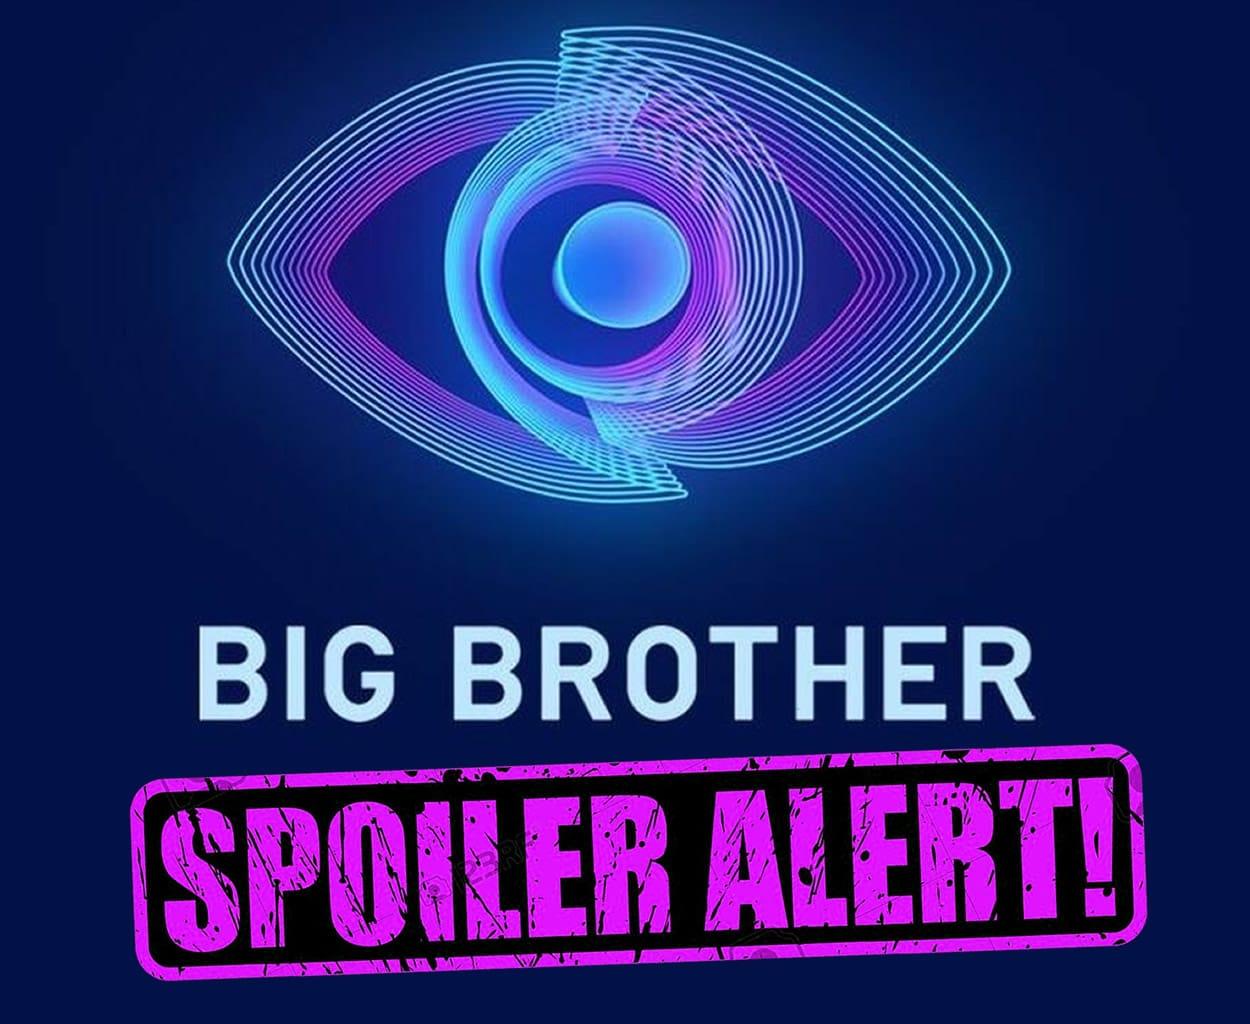 big brother live stream tote tha epanaleitourgisei sto internet